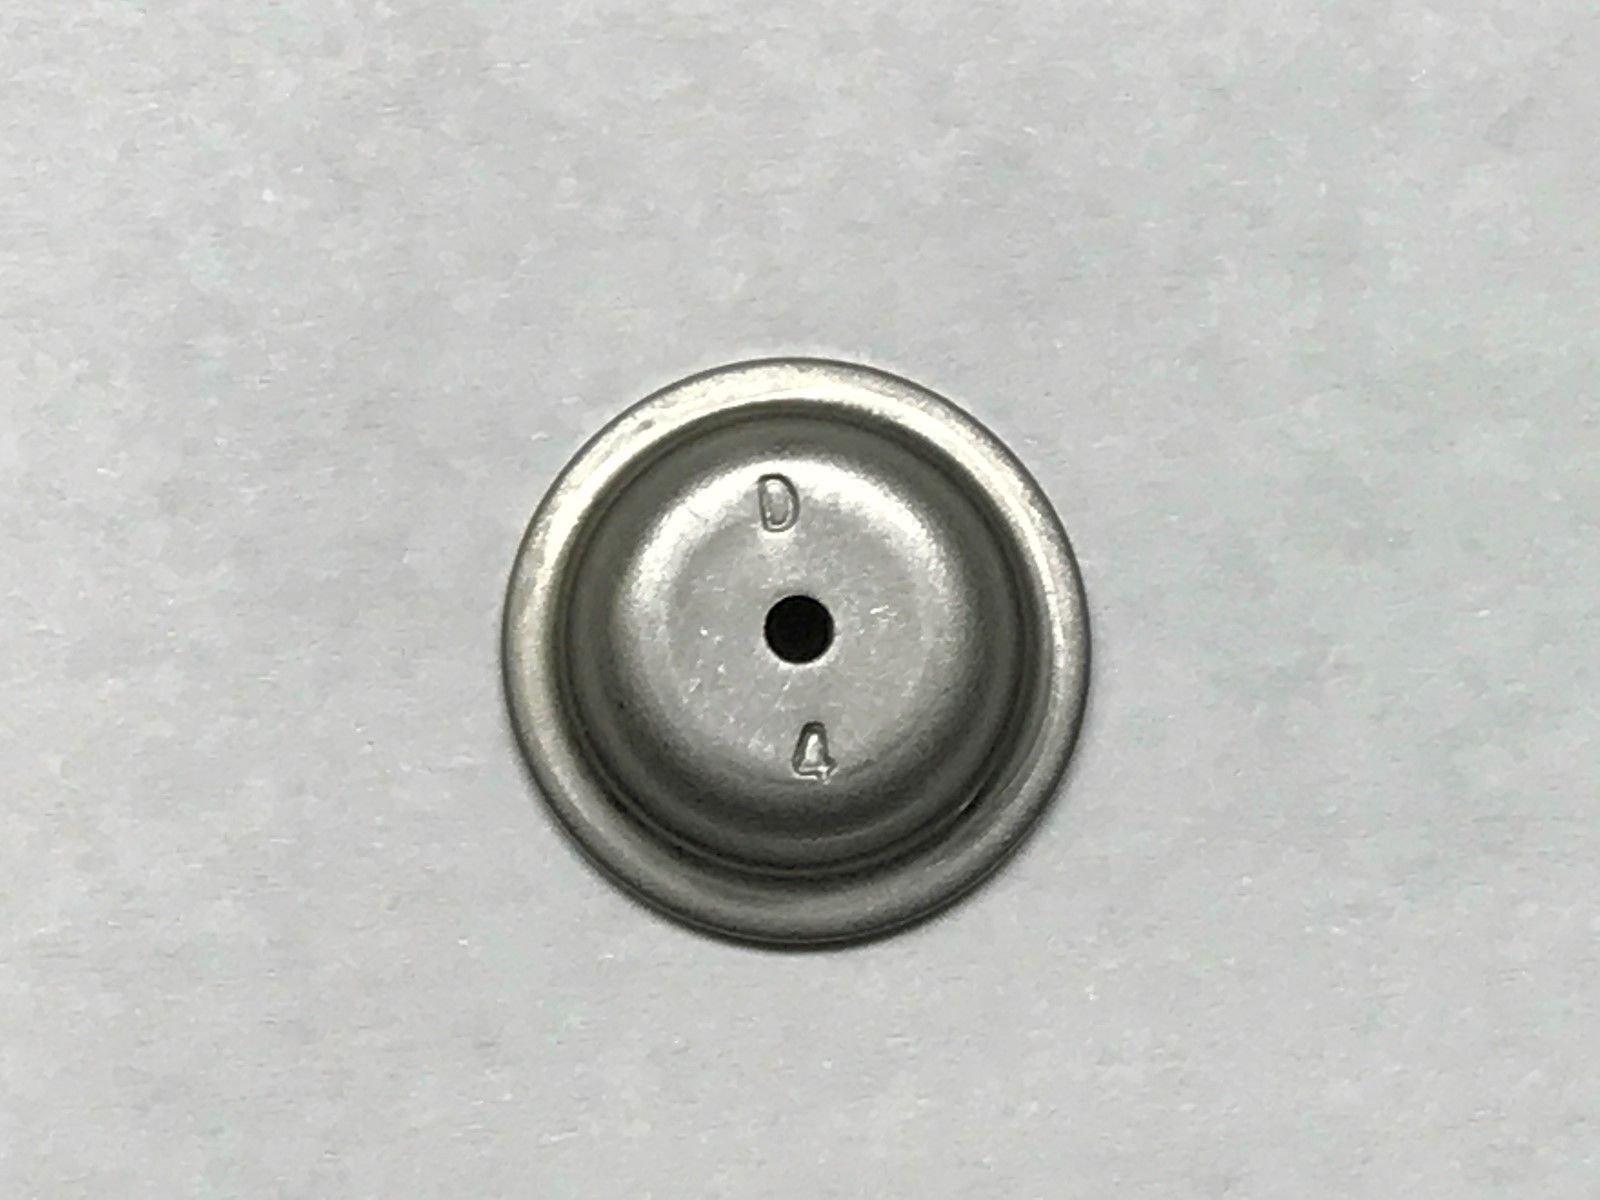 TEEJET DE4, Orifice Disc Stainless Steel,